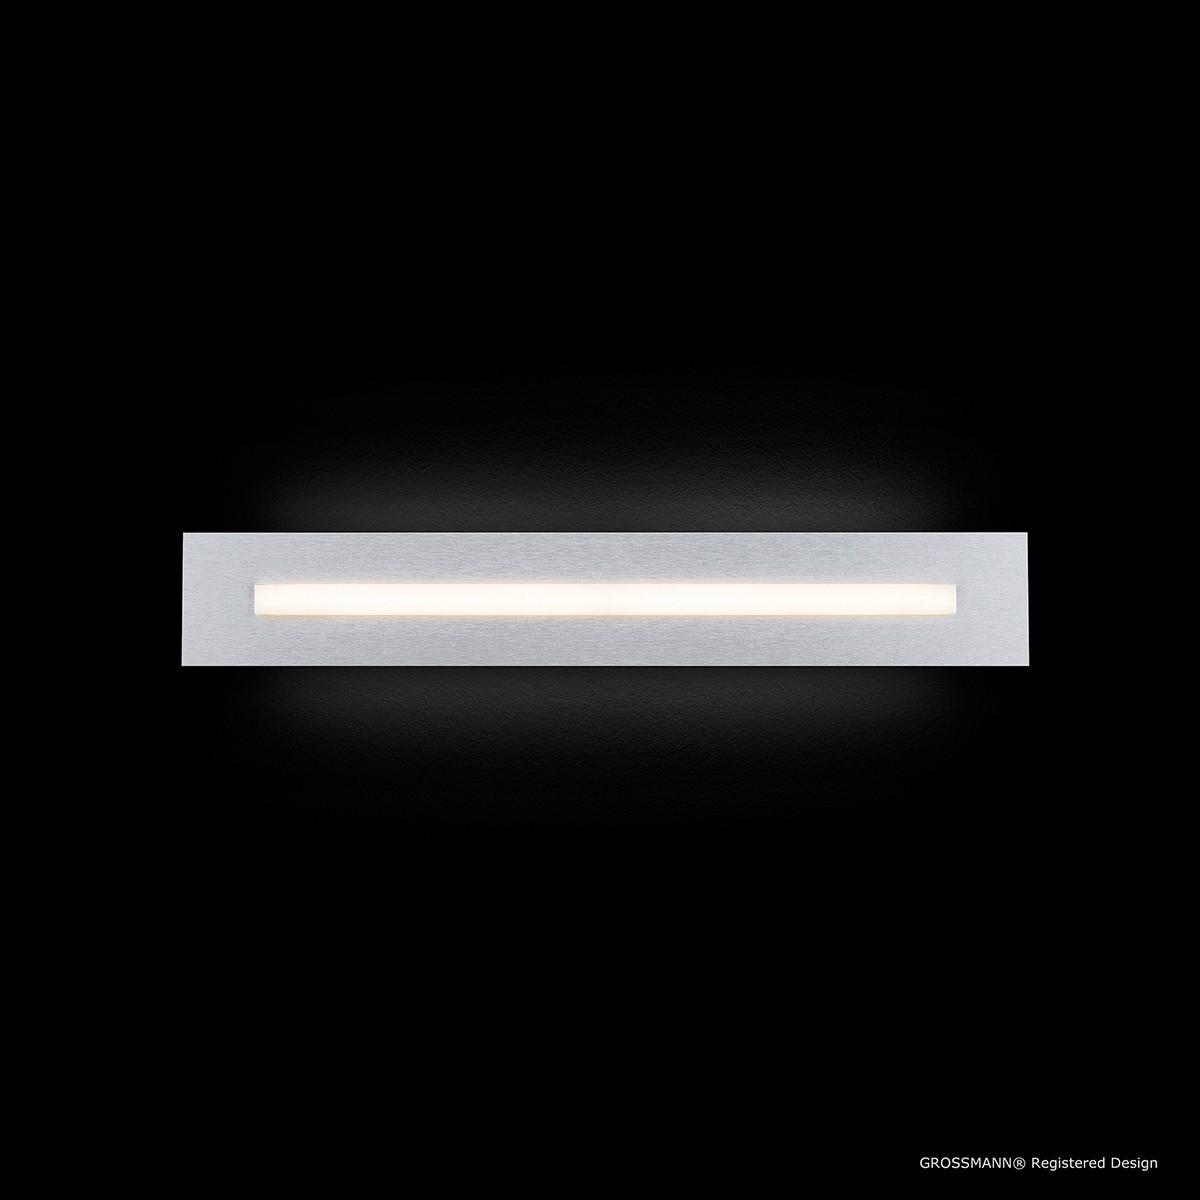 Grossmann Fis LED Wand- / Deckenleuchte, Länge: 57 cm, Aluminium gebürstet